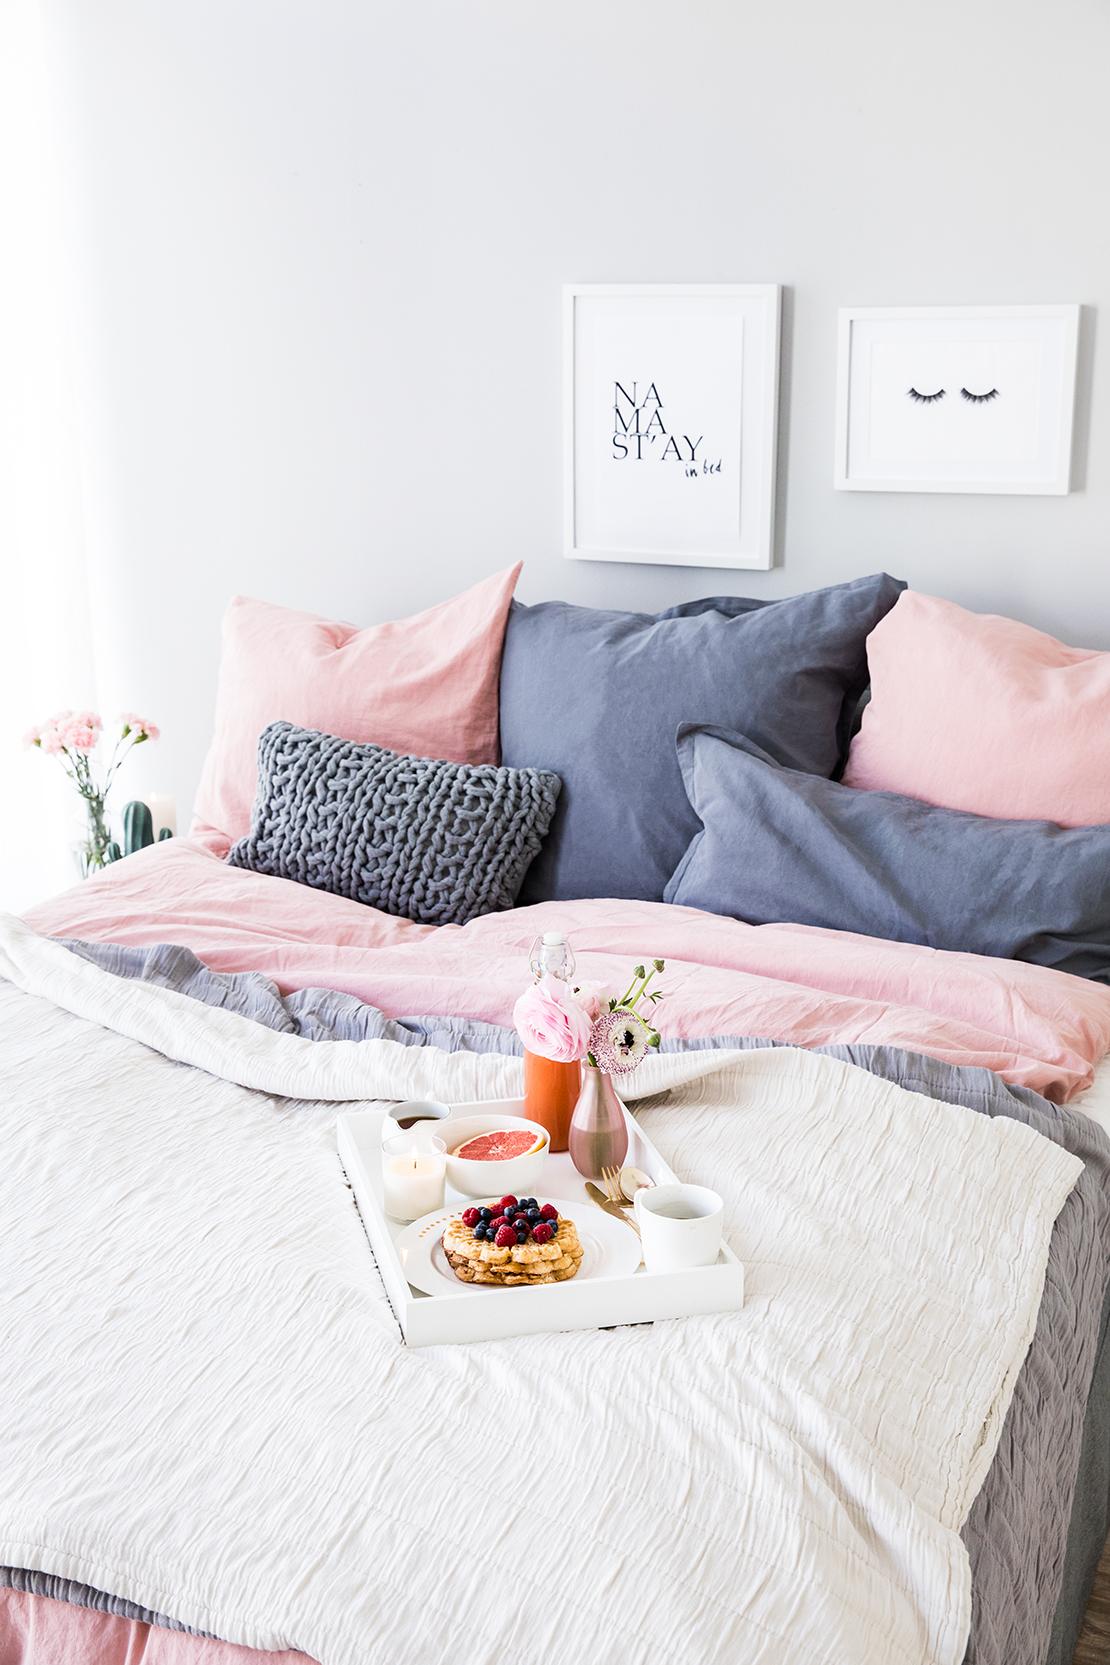 den v posteli pohodlné povlečení